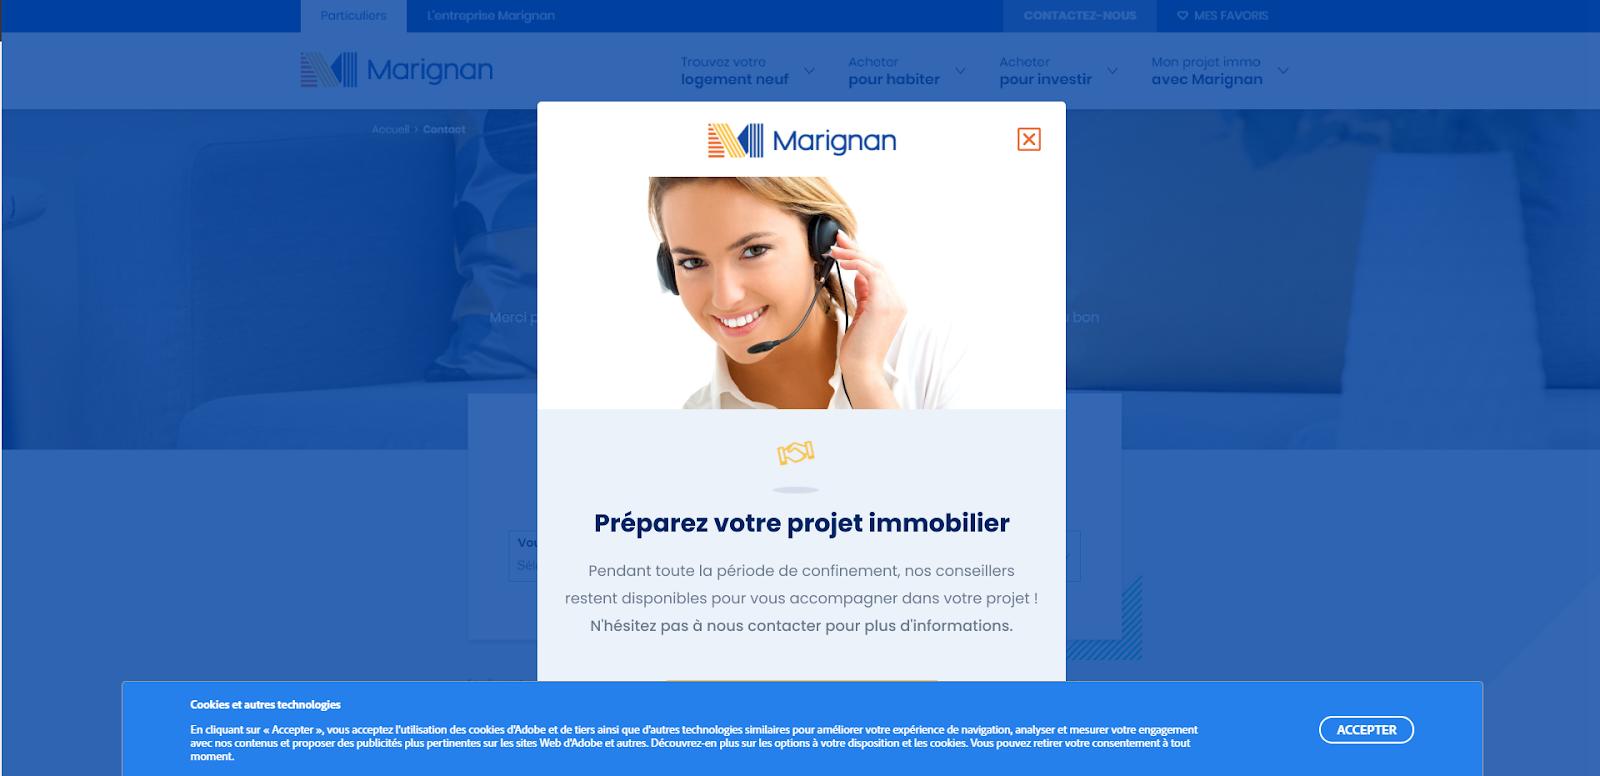 Bandeau sur le site de Marignan invitant à préparer son projet immo